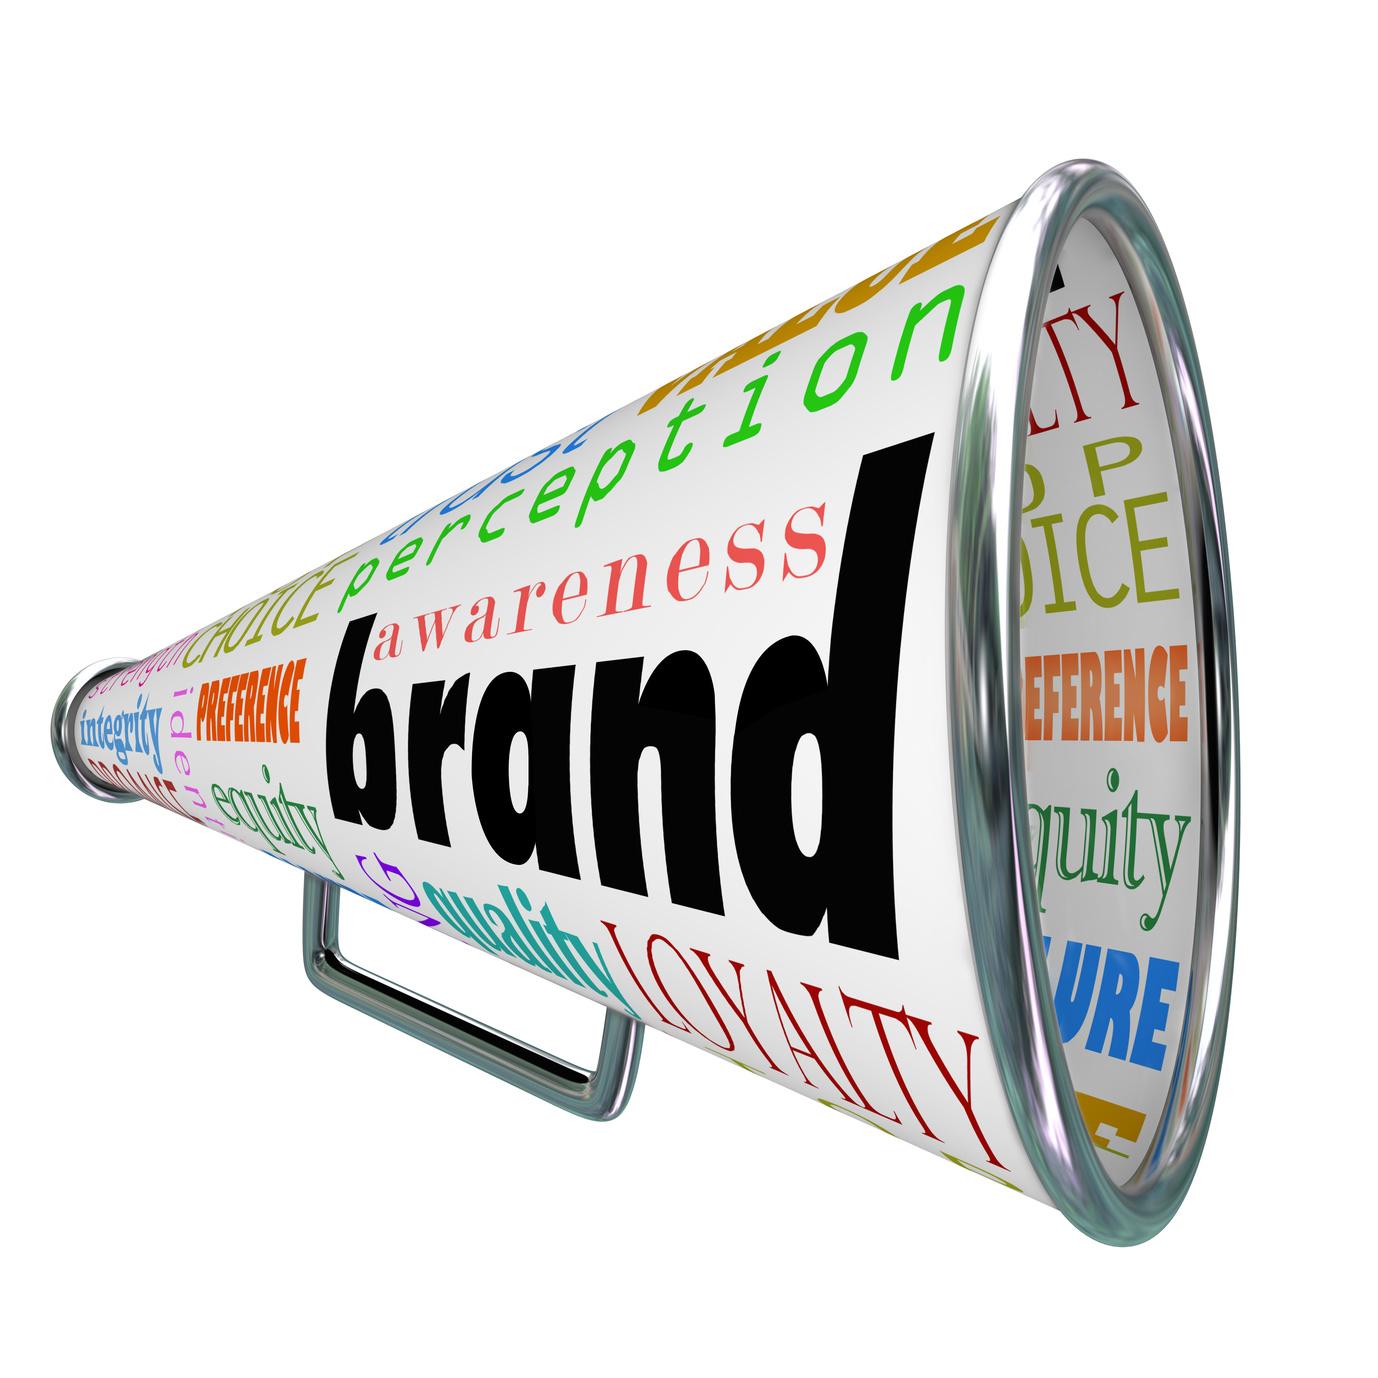 Otelinizin marka kimliğini nasıl belirleyebilir ve yönetebilirsiniz?